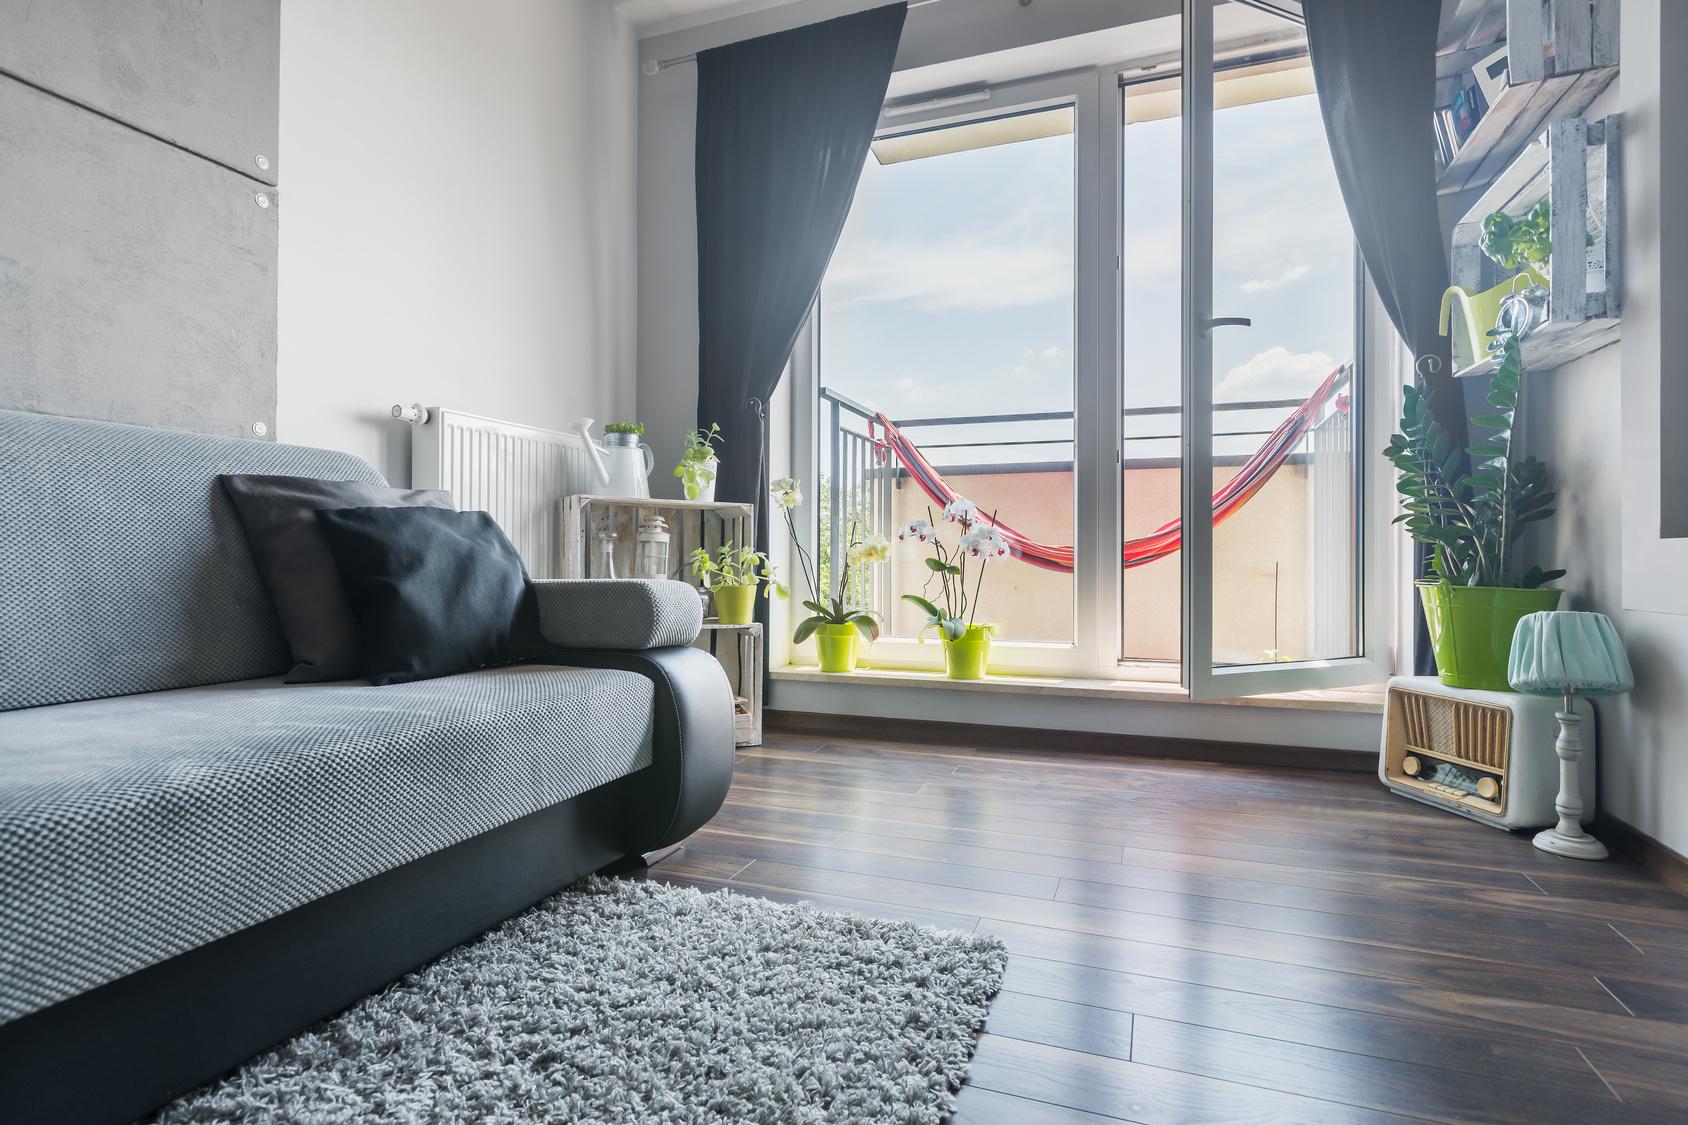 Ceny okien balkonowych